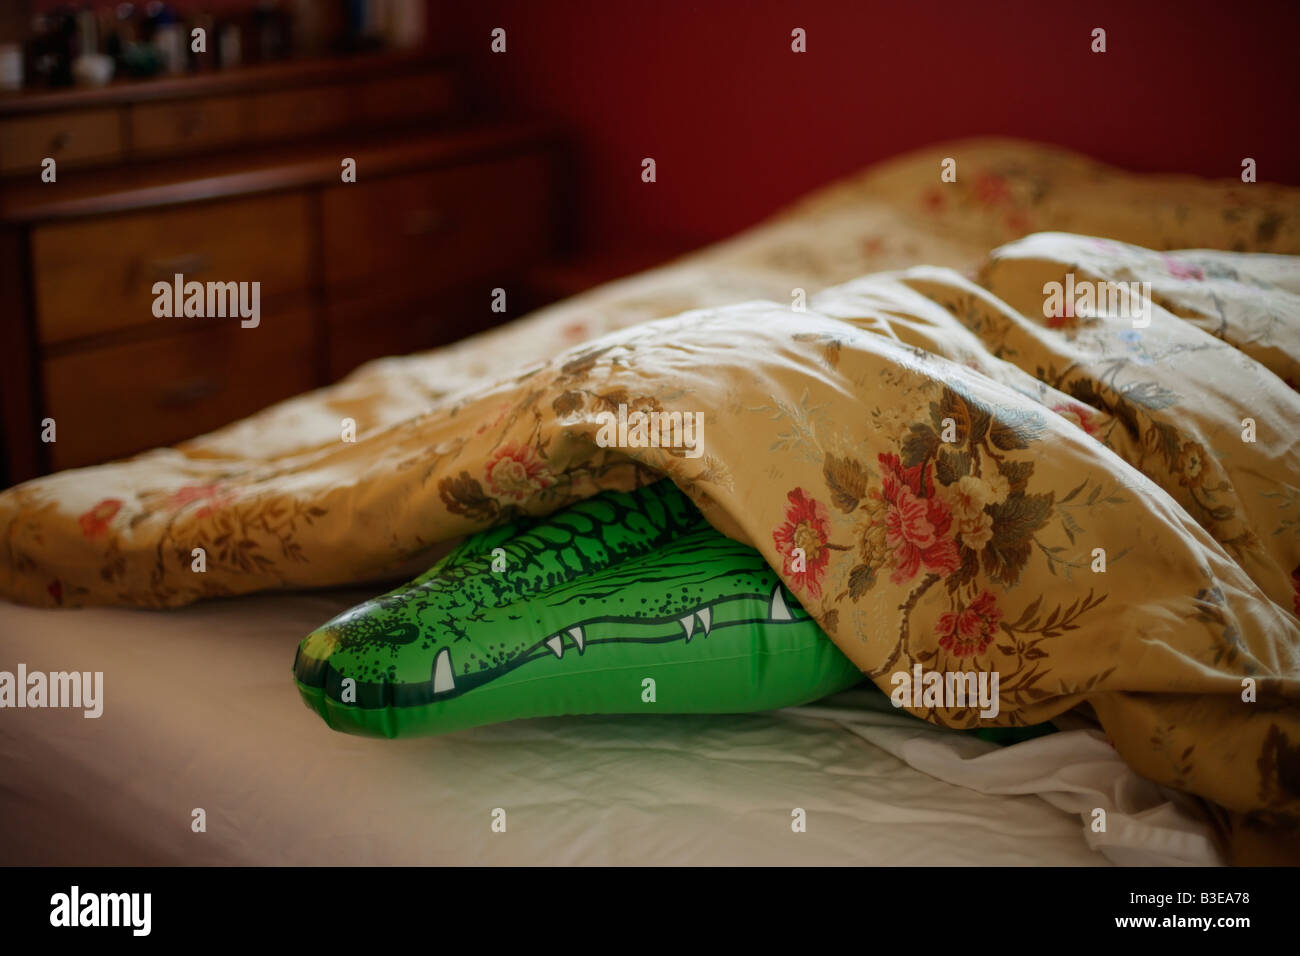 Serie de cocodrilo inflable dormitorio temores Imagen De Stock